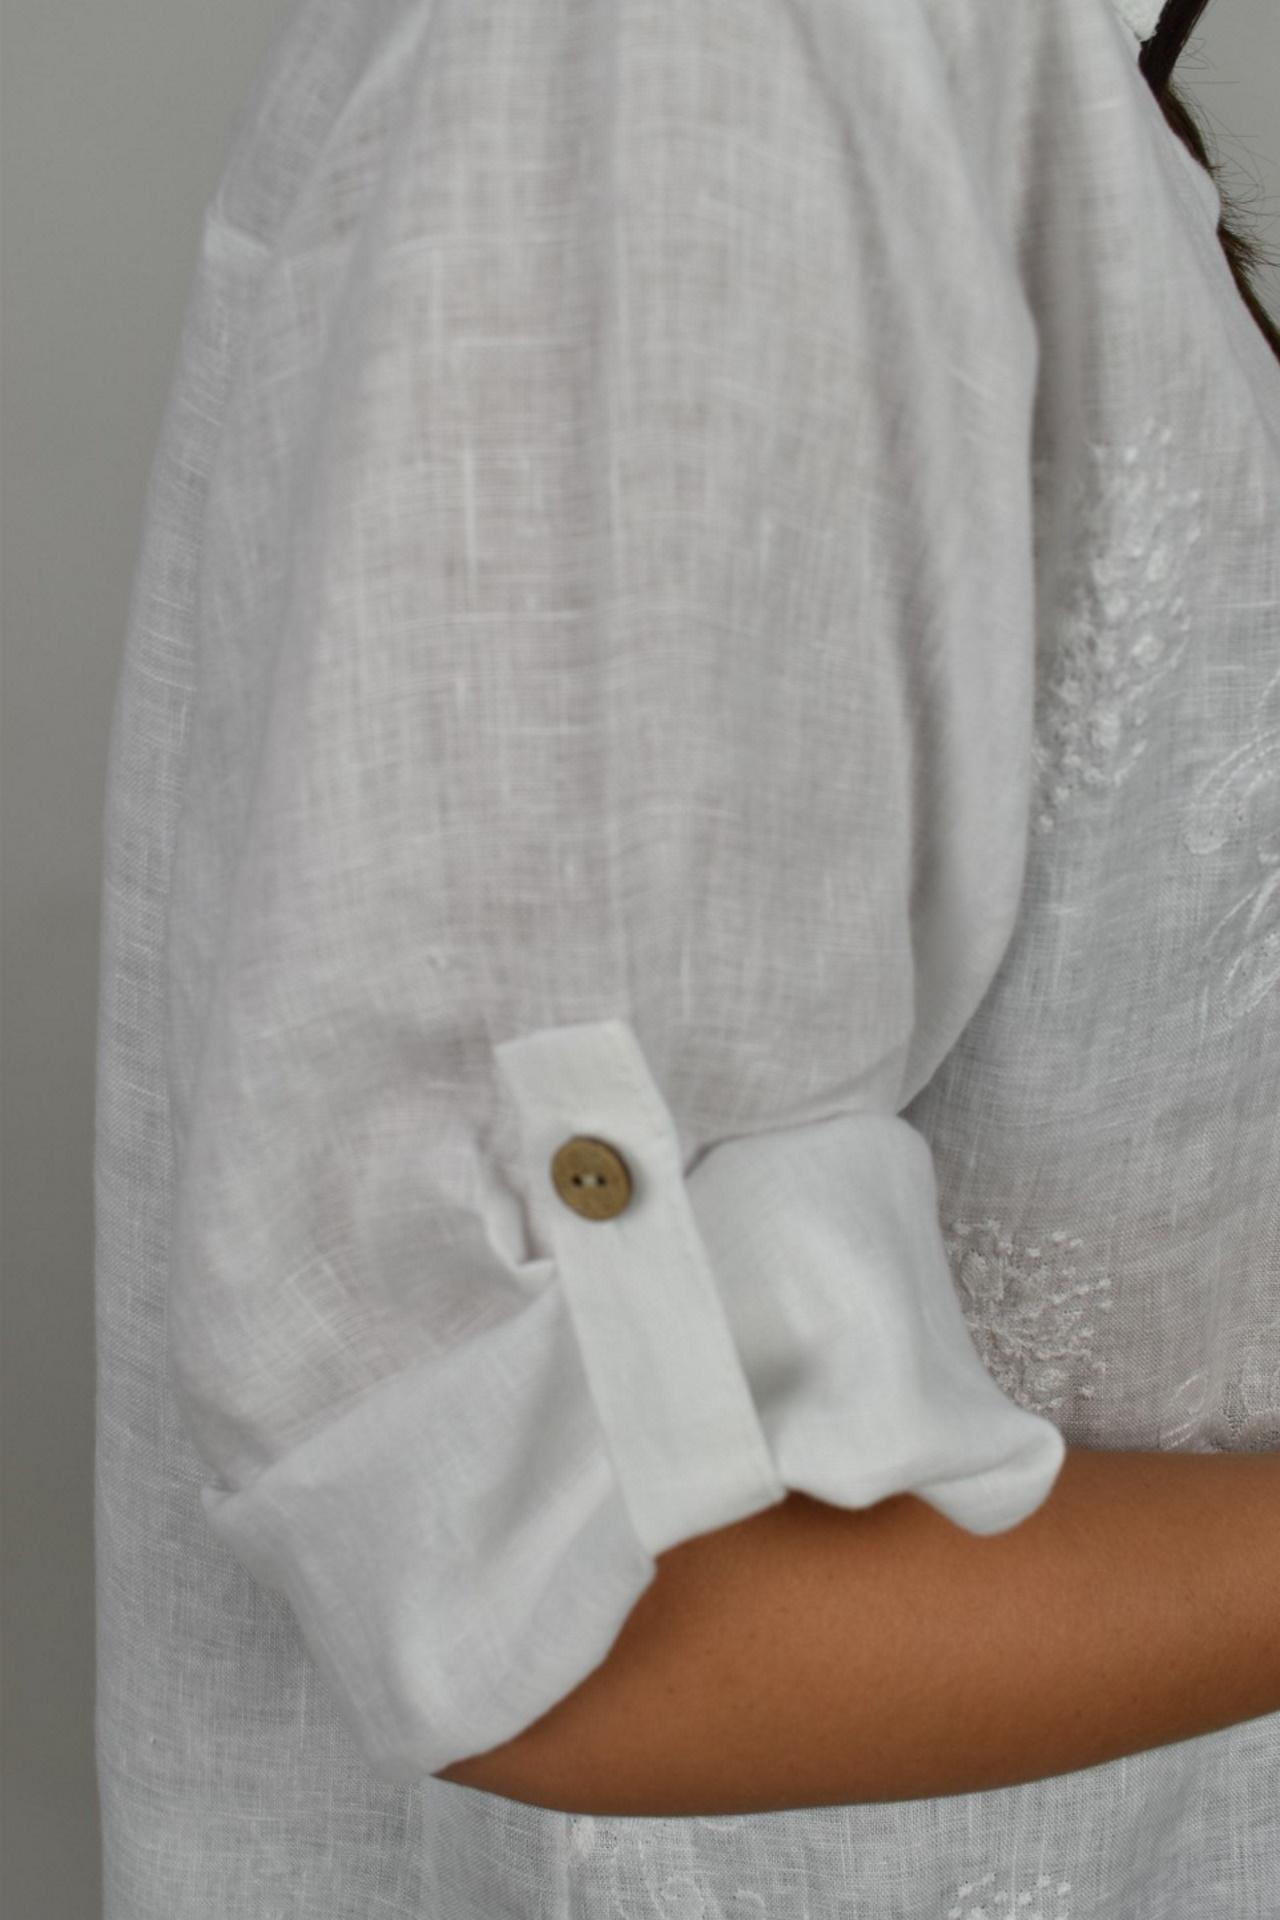 CAMMAXPE2102 BIANCO CAMICIA DA DONNA MANICA 34 100 LINO 3 1stAmerican camicia manica 3/4 da donna 100% lino Made in Italy - vestito collo a y da spiaggia donna